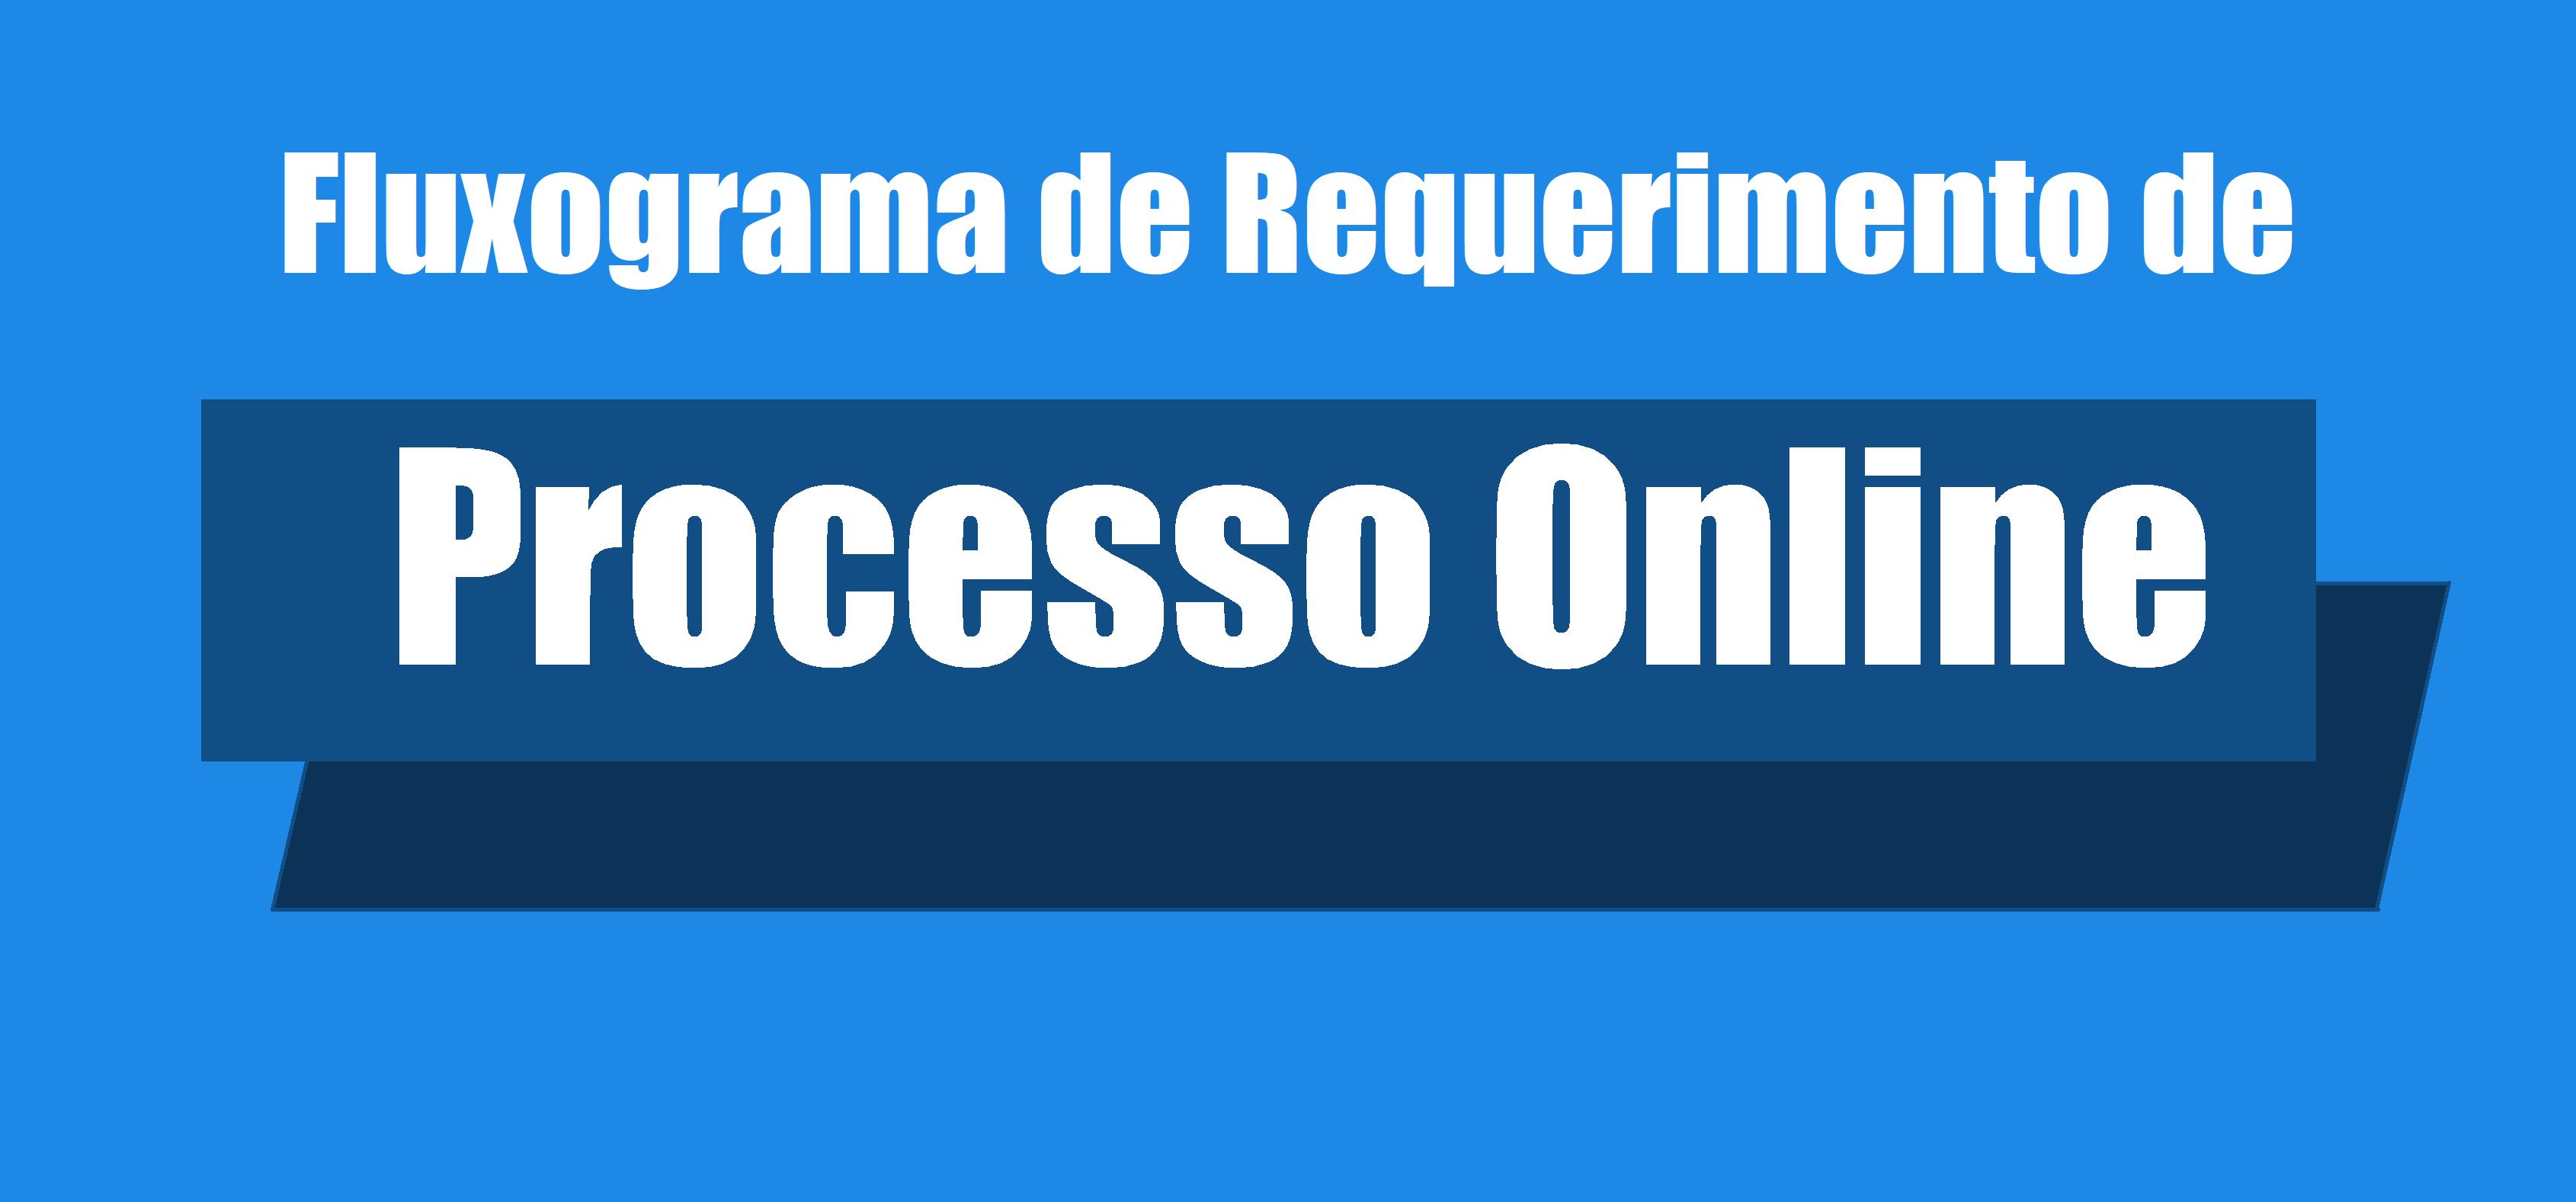 Fluxograma de Requerimento de Processo Online